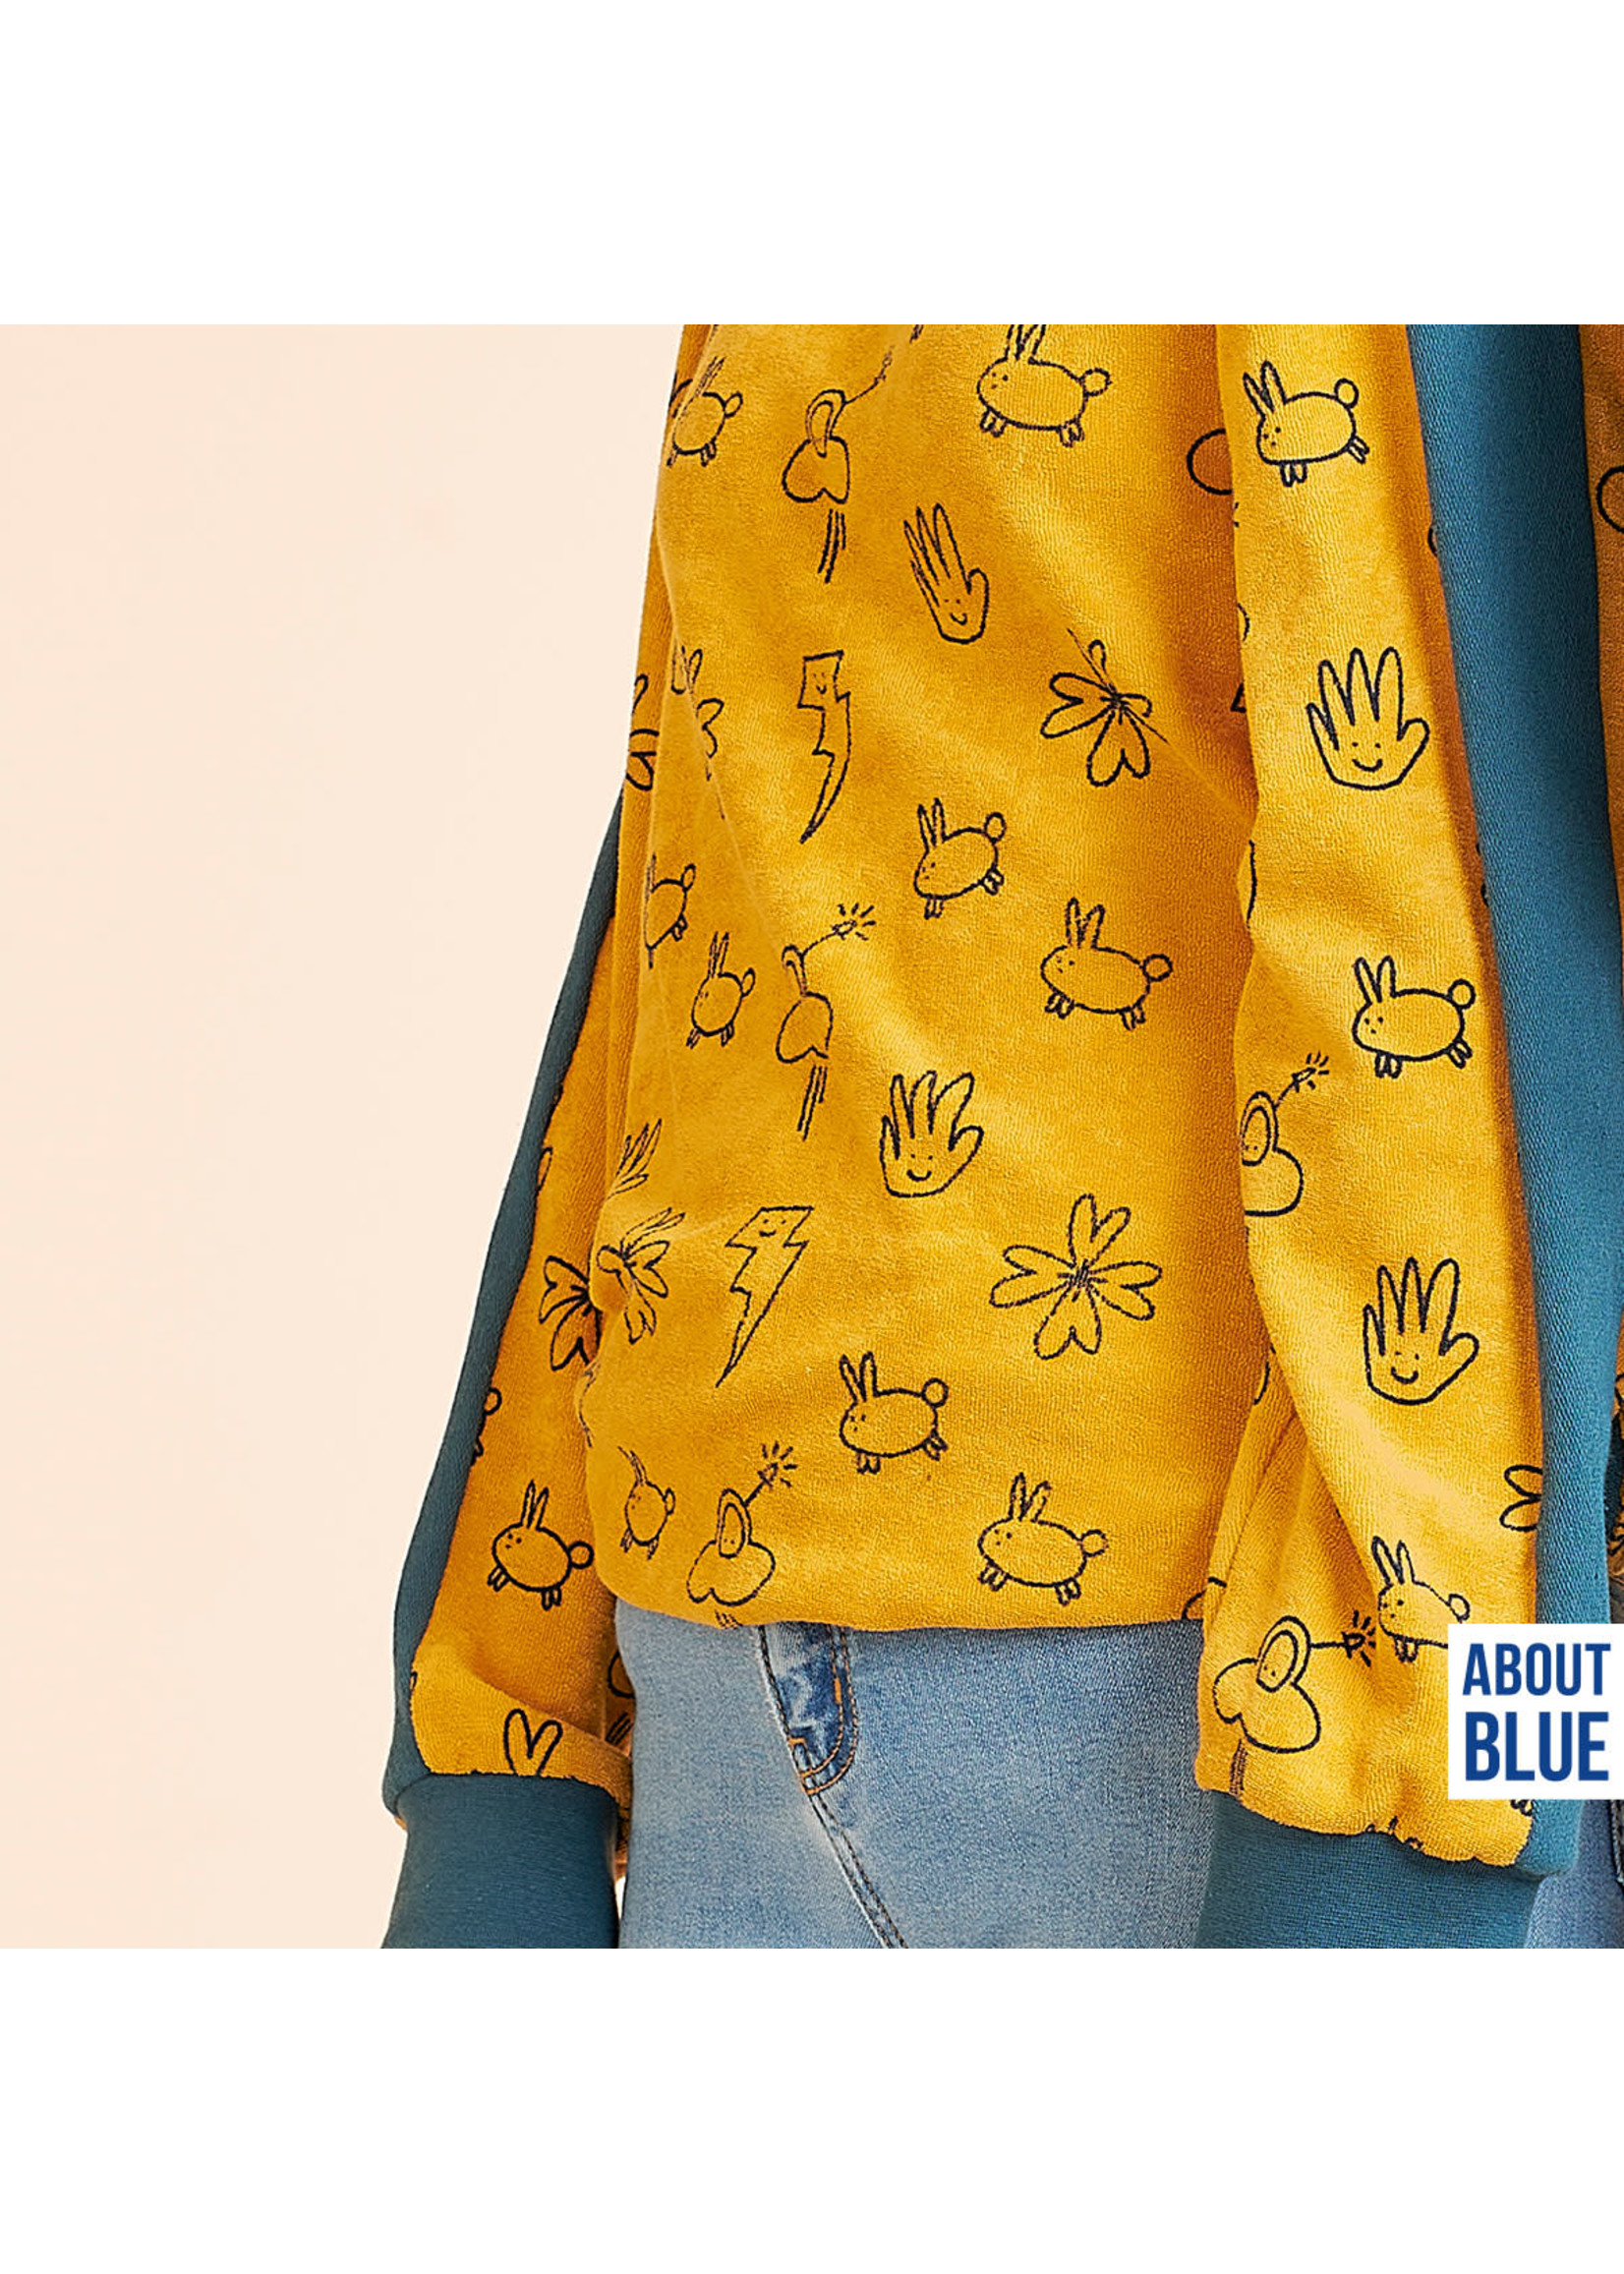 About Blue Fabrics Smilicons Sponge